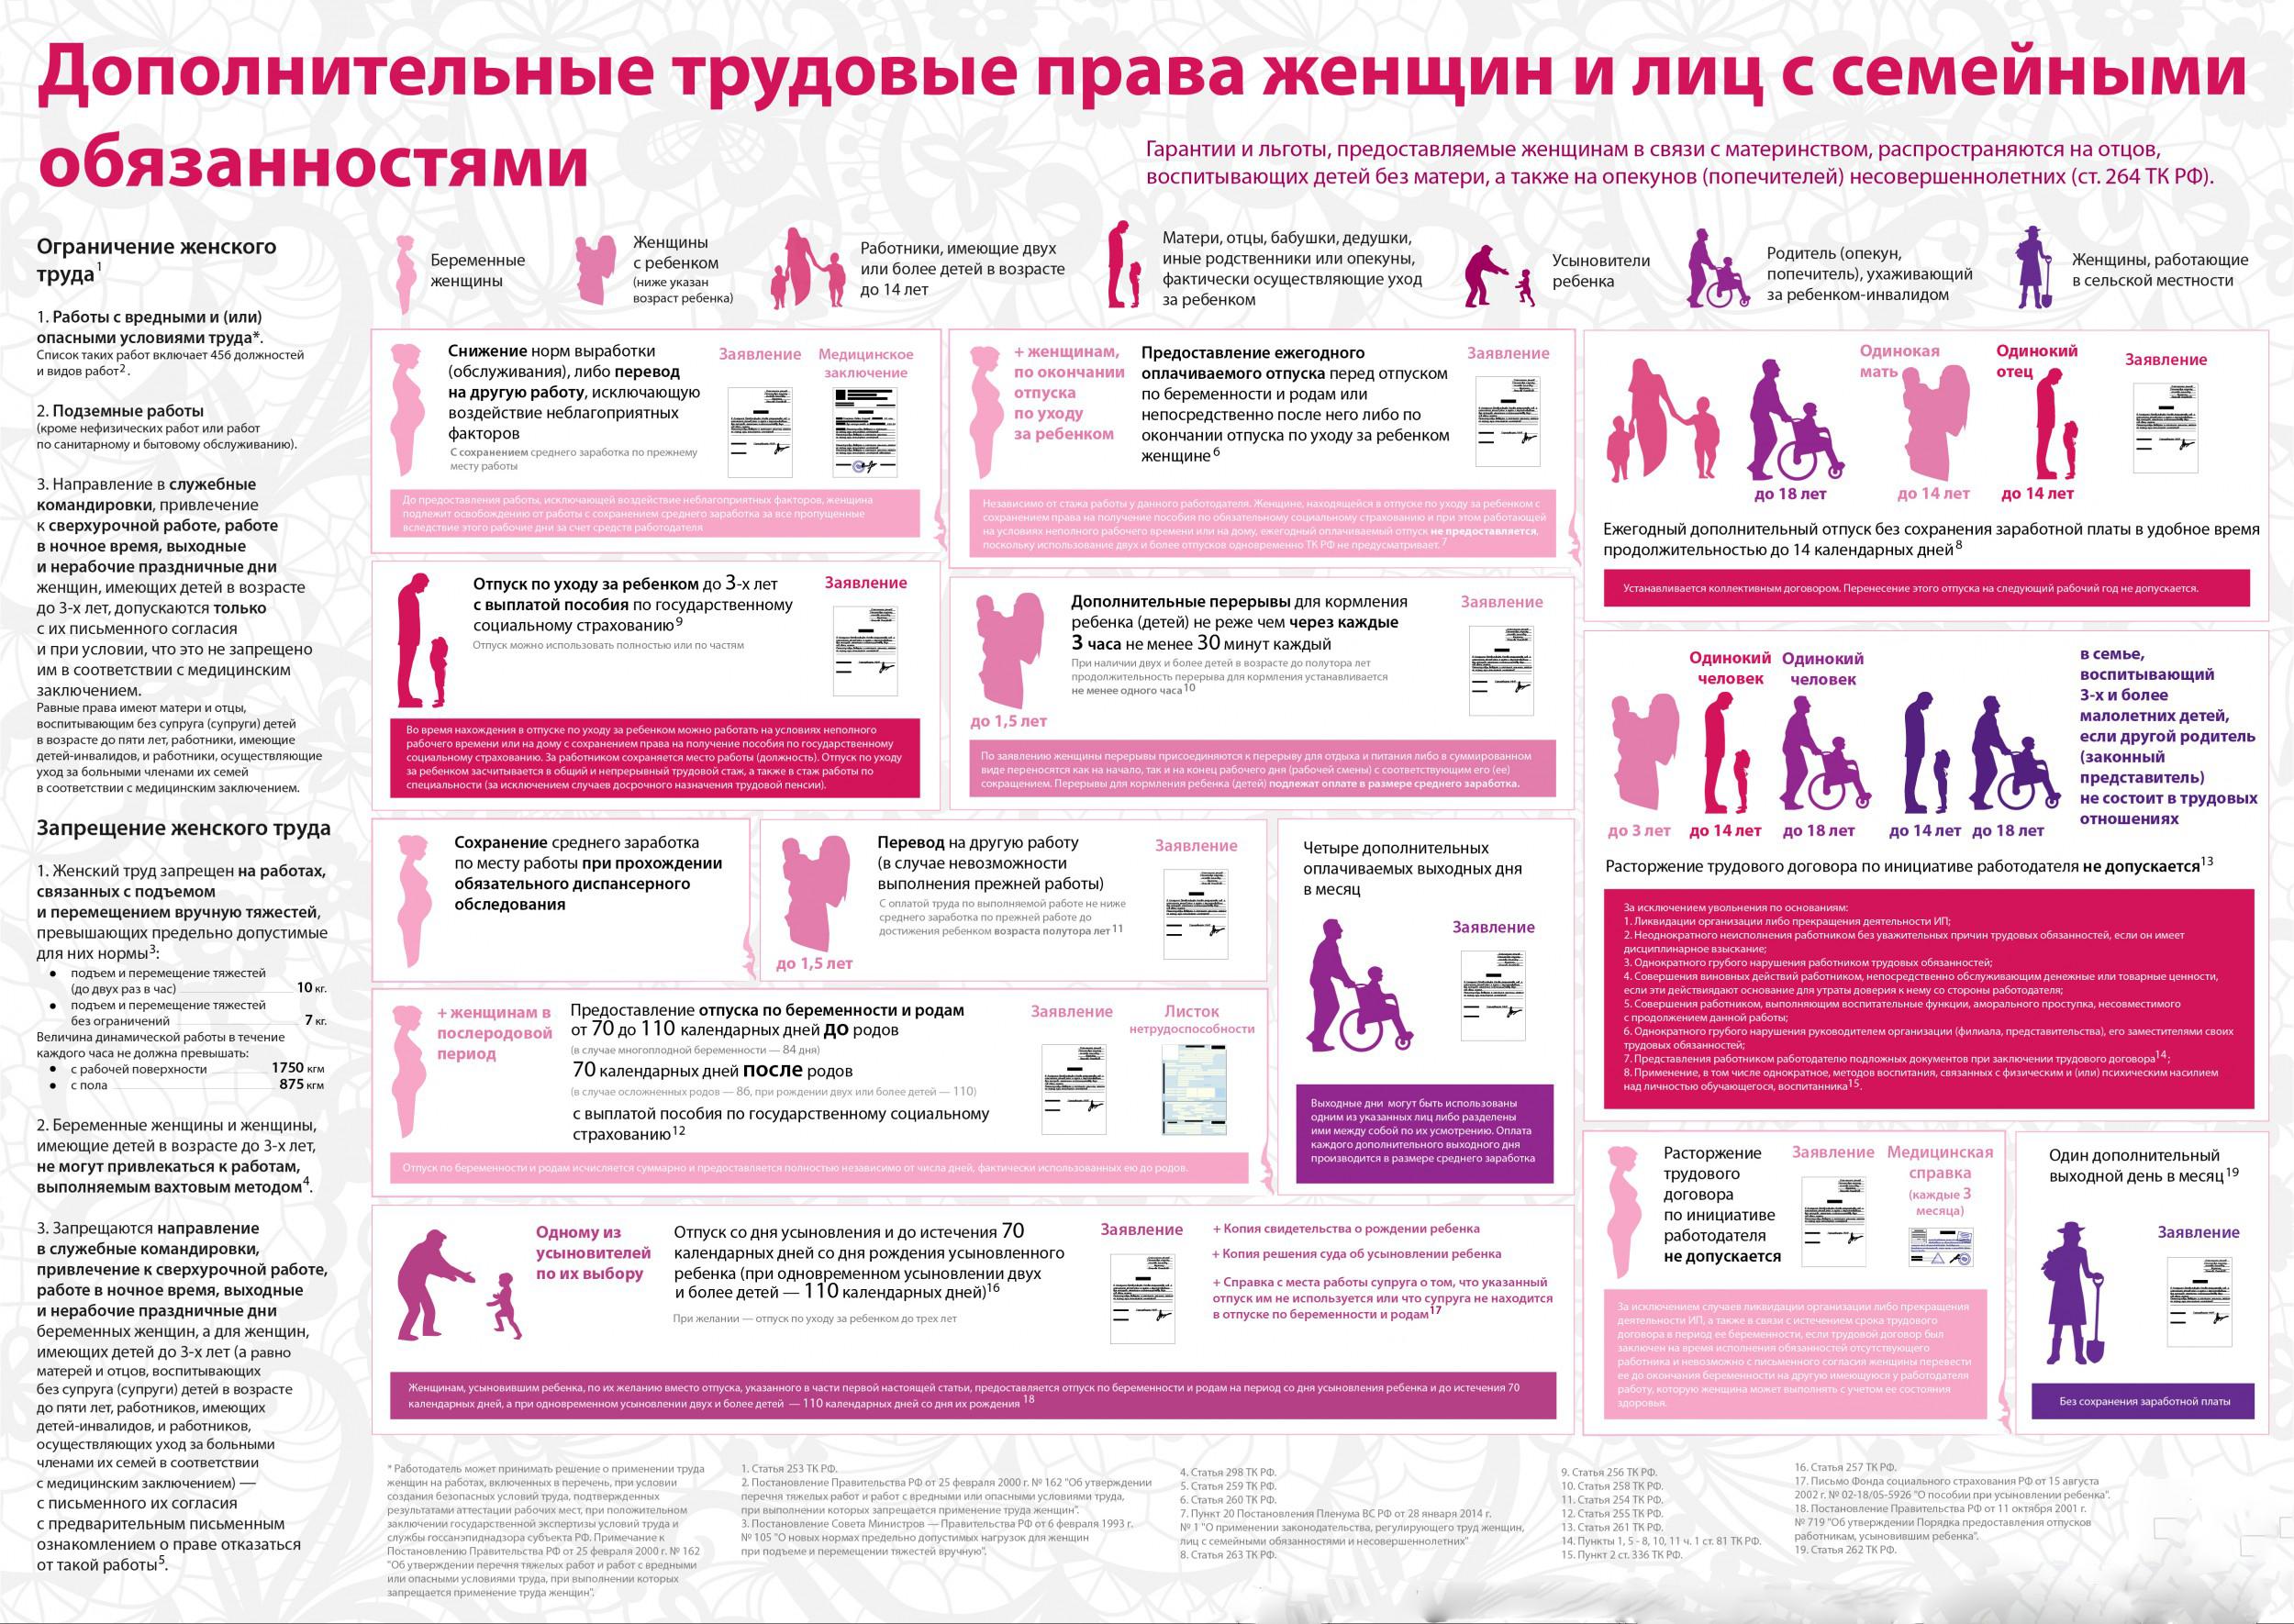 Дополнительные трудовые права женщин и лиц с семейными обязанностями